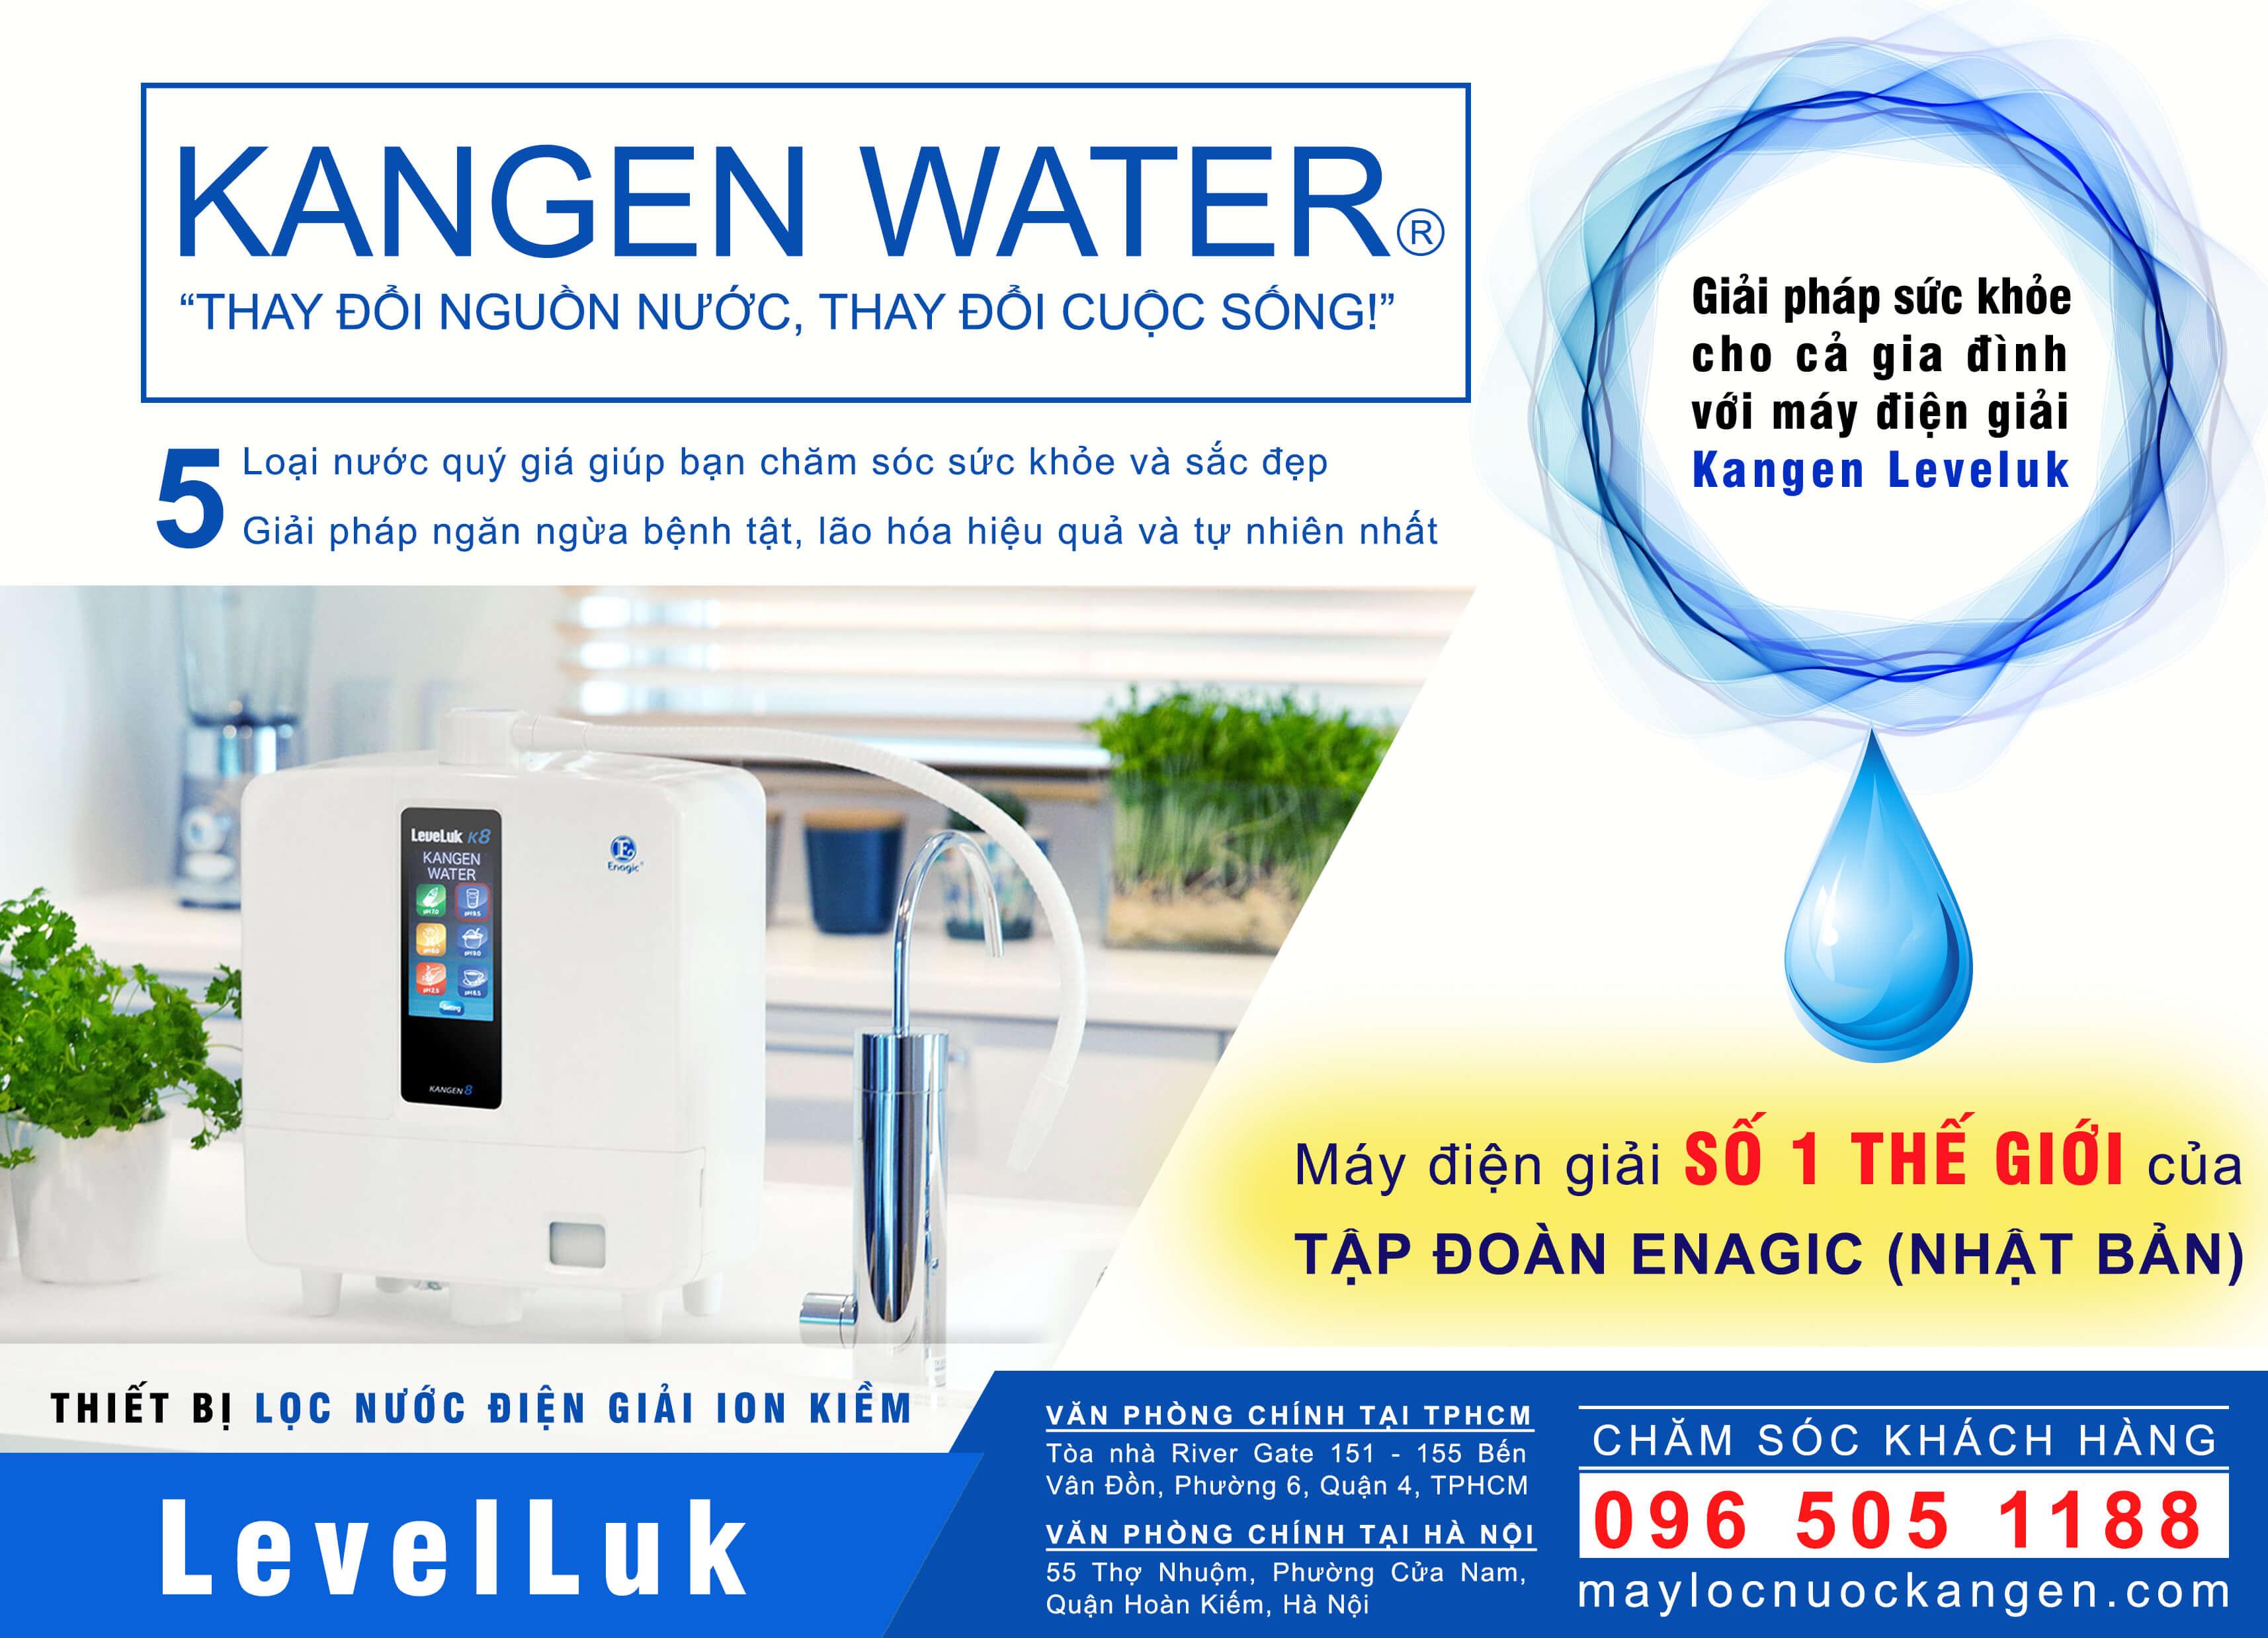 bí quyết chống oxy hóa, Bí quyết chống oxy hóa bằng máy điện giải Kangen Leveluk SD501, Nhà phân phối máy lọc nước ion kiềm số 1 Việt Nam | Vitamia, Nhà phân phối máy lọc nước ion kiềm số 1 Việt Nam | Vitamia